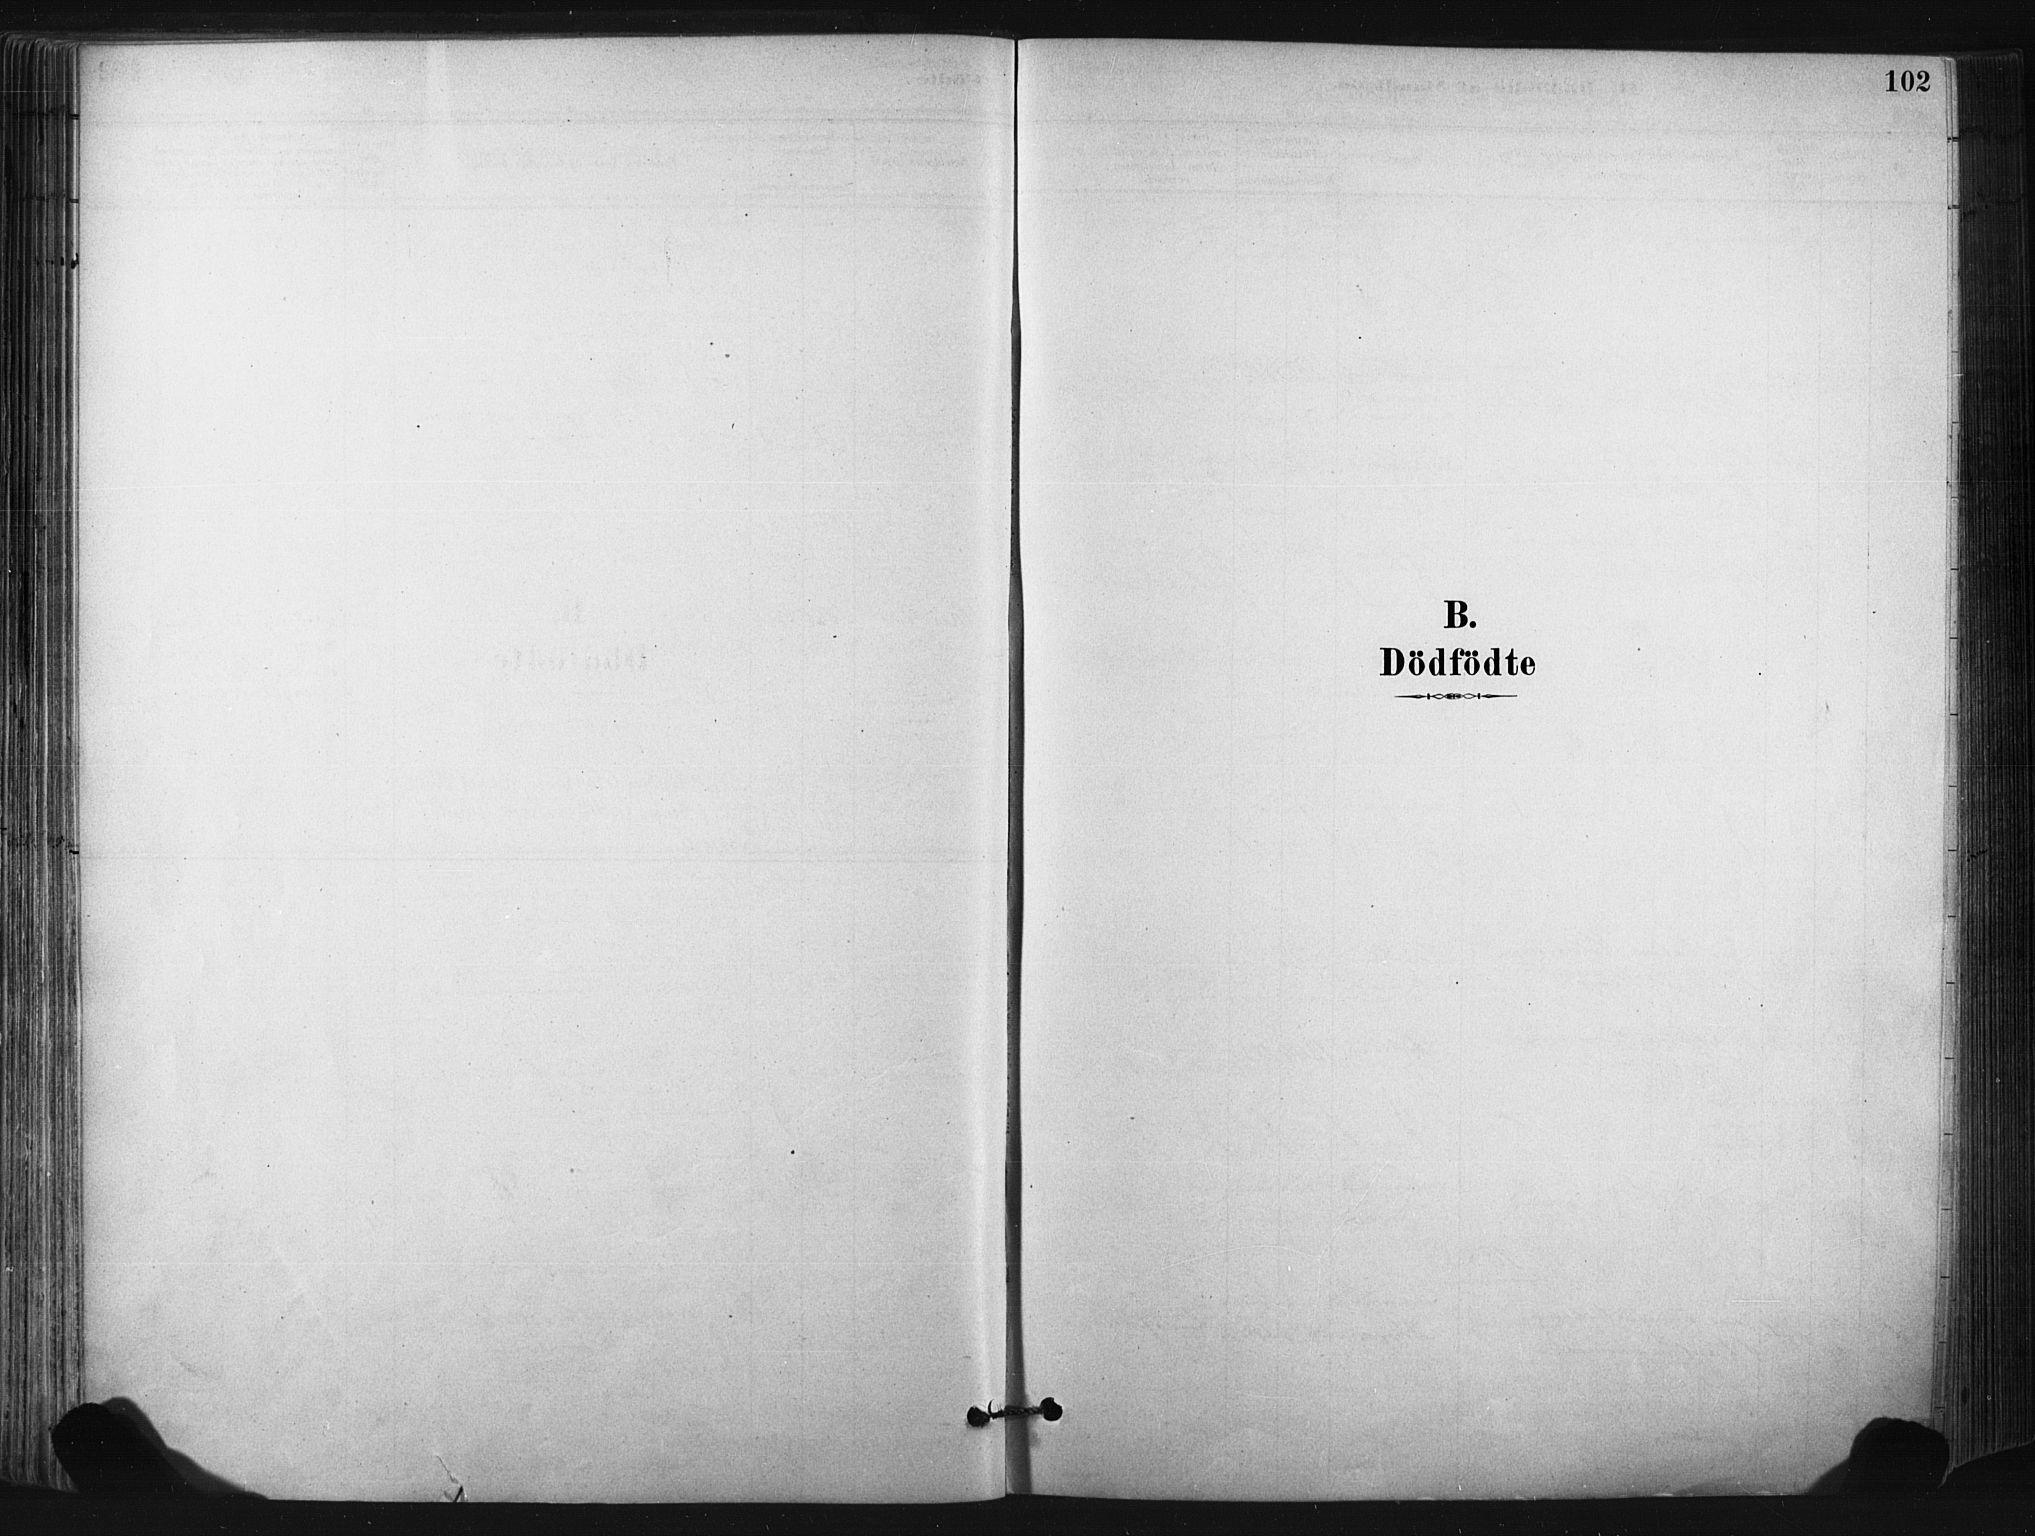 SAKO, Bø kirkebøker, F/Fa/L0010: Ministerialbok nr. 10, 1880-1892, s. 102